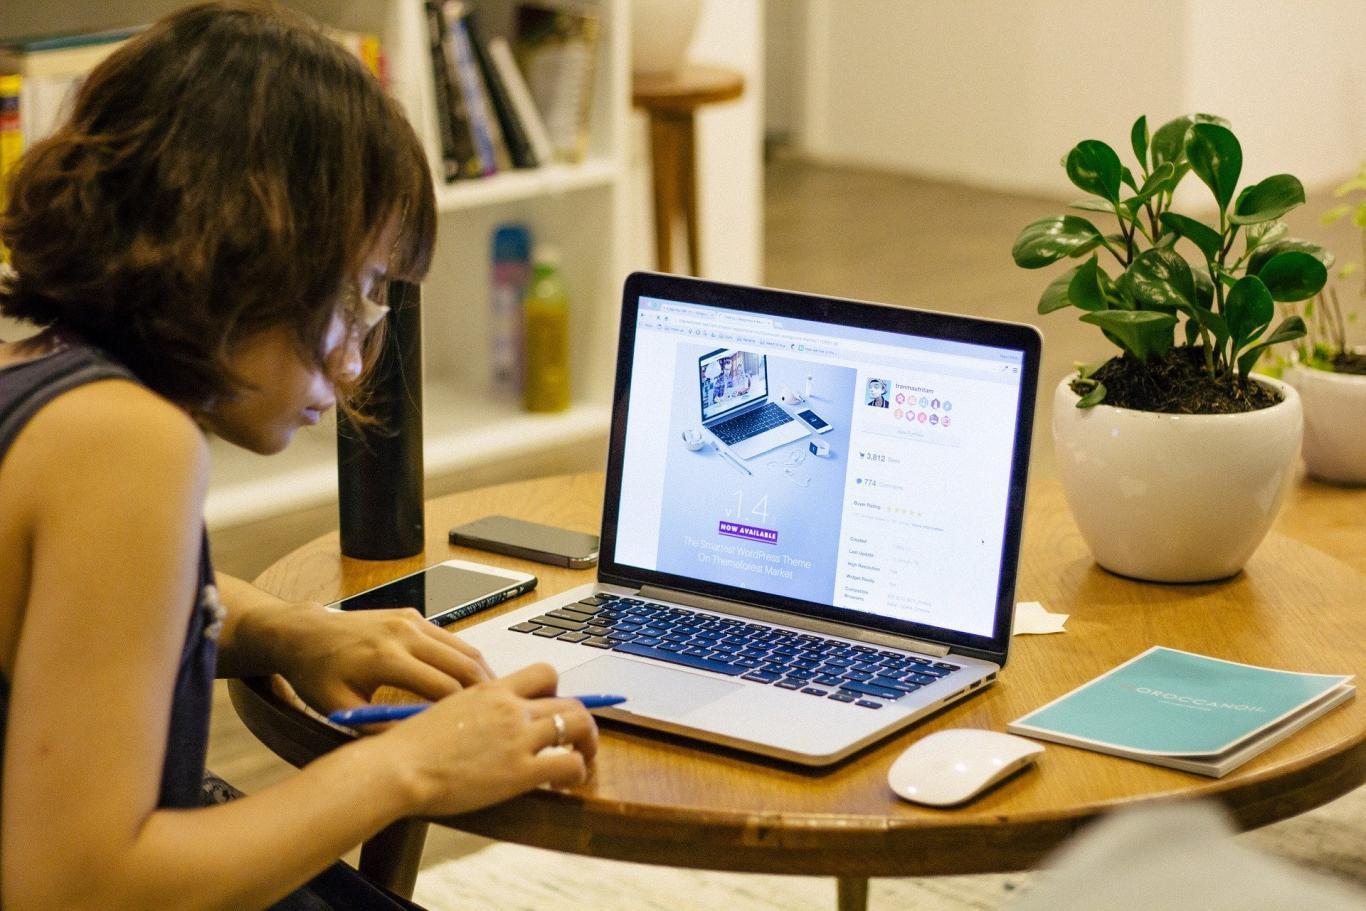 Chica joven consultando en un ordenador